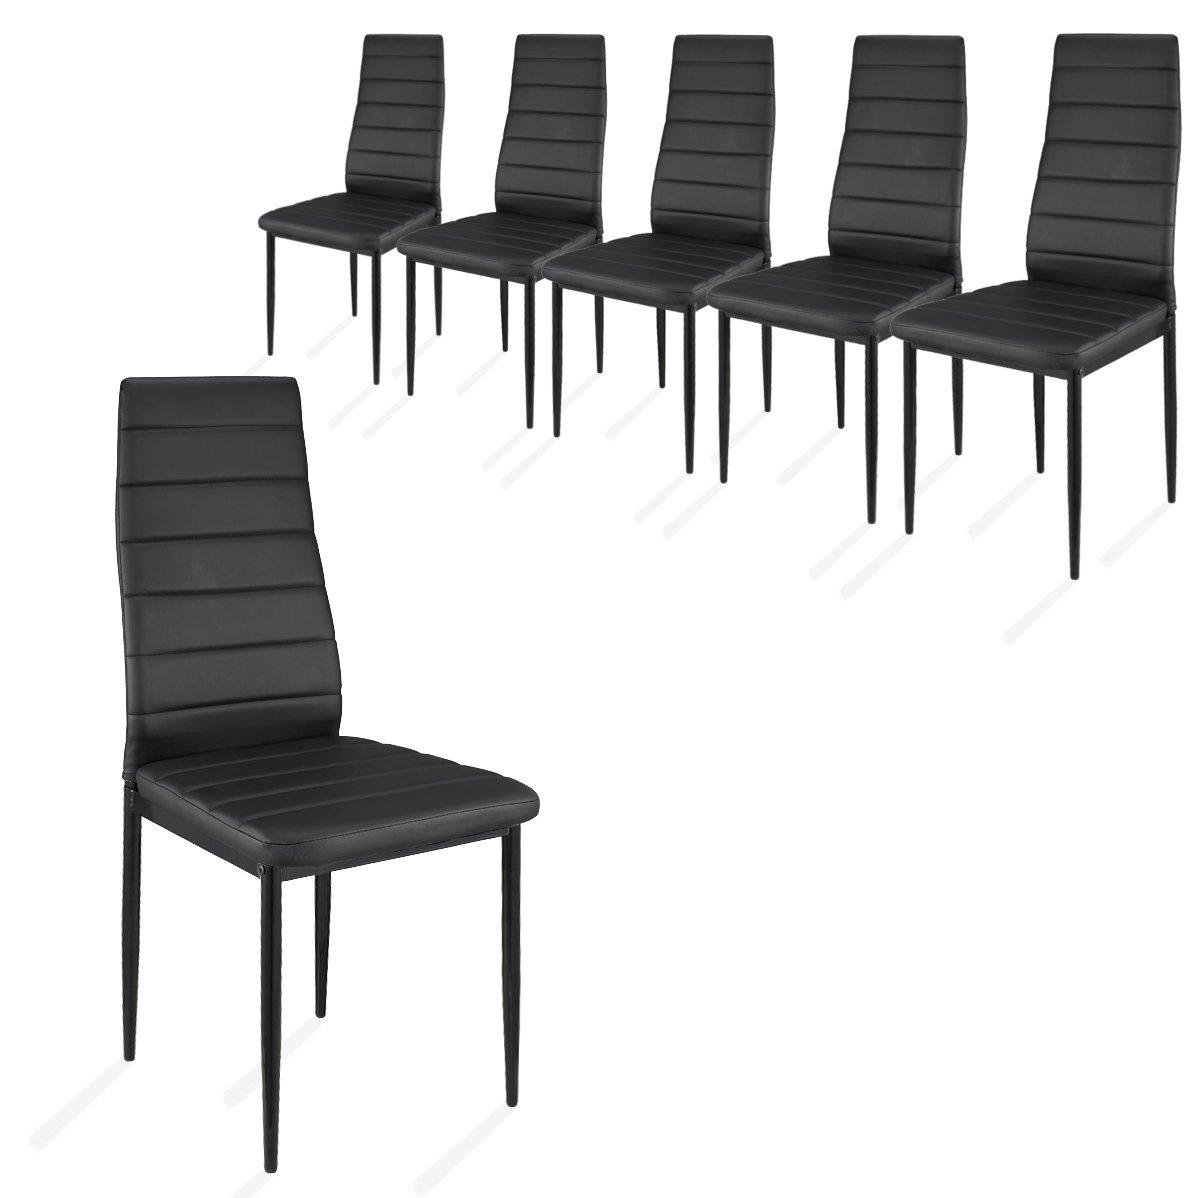 Schön 6 Stück Esszimmerstühle, Küchenstühle Mit Hochwertigem Kunstlederpolster    (Weiß): Amazon.de: Küche U0026 Haushalt